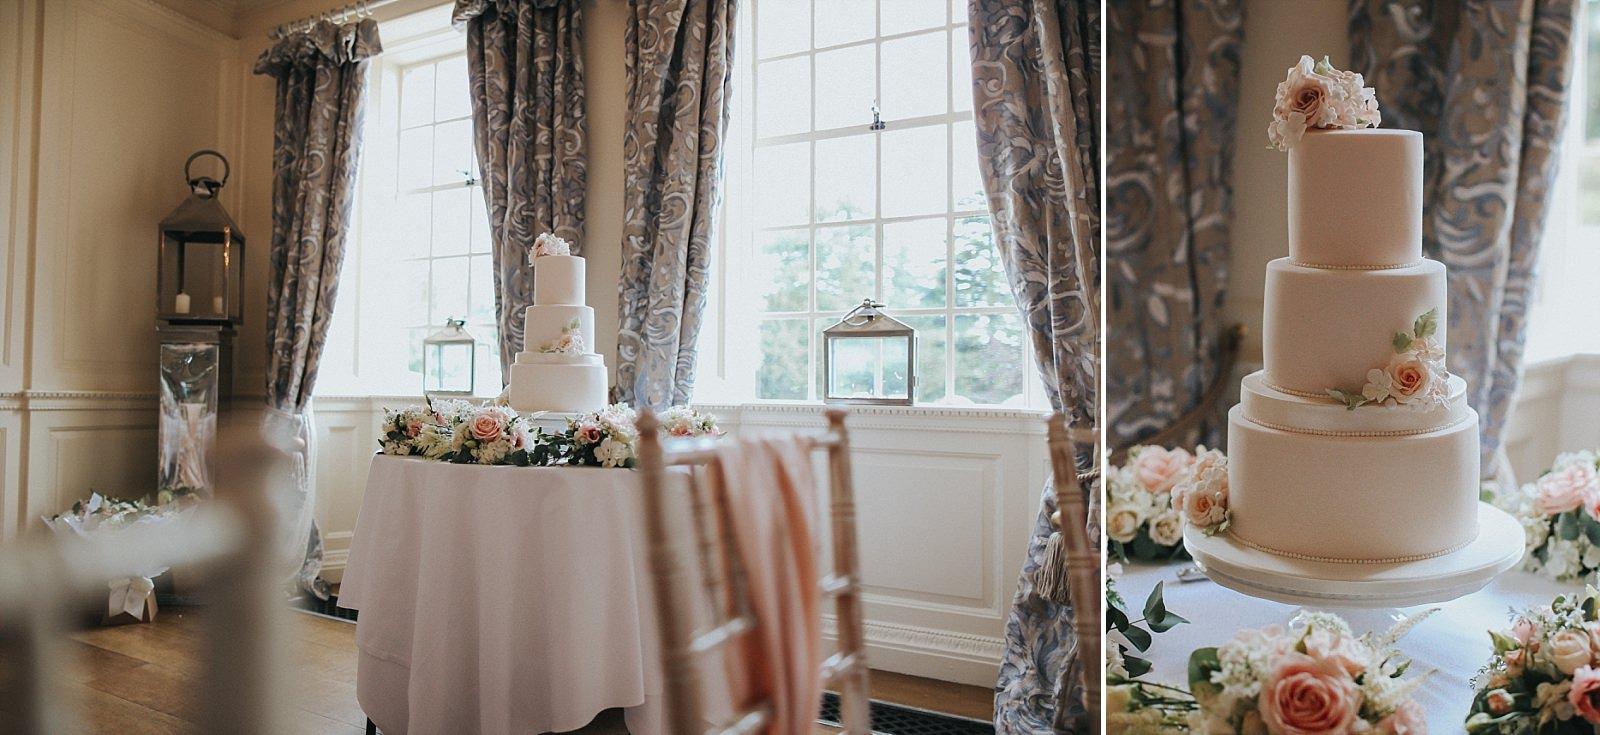 amazing pink frosting wedding cake